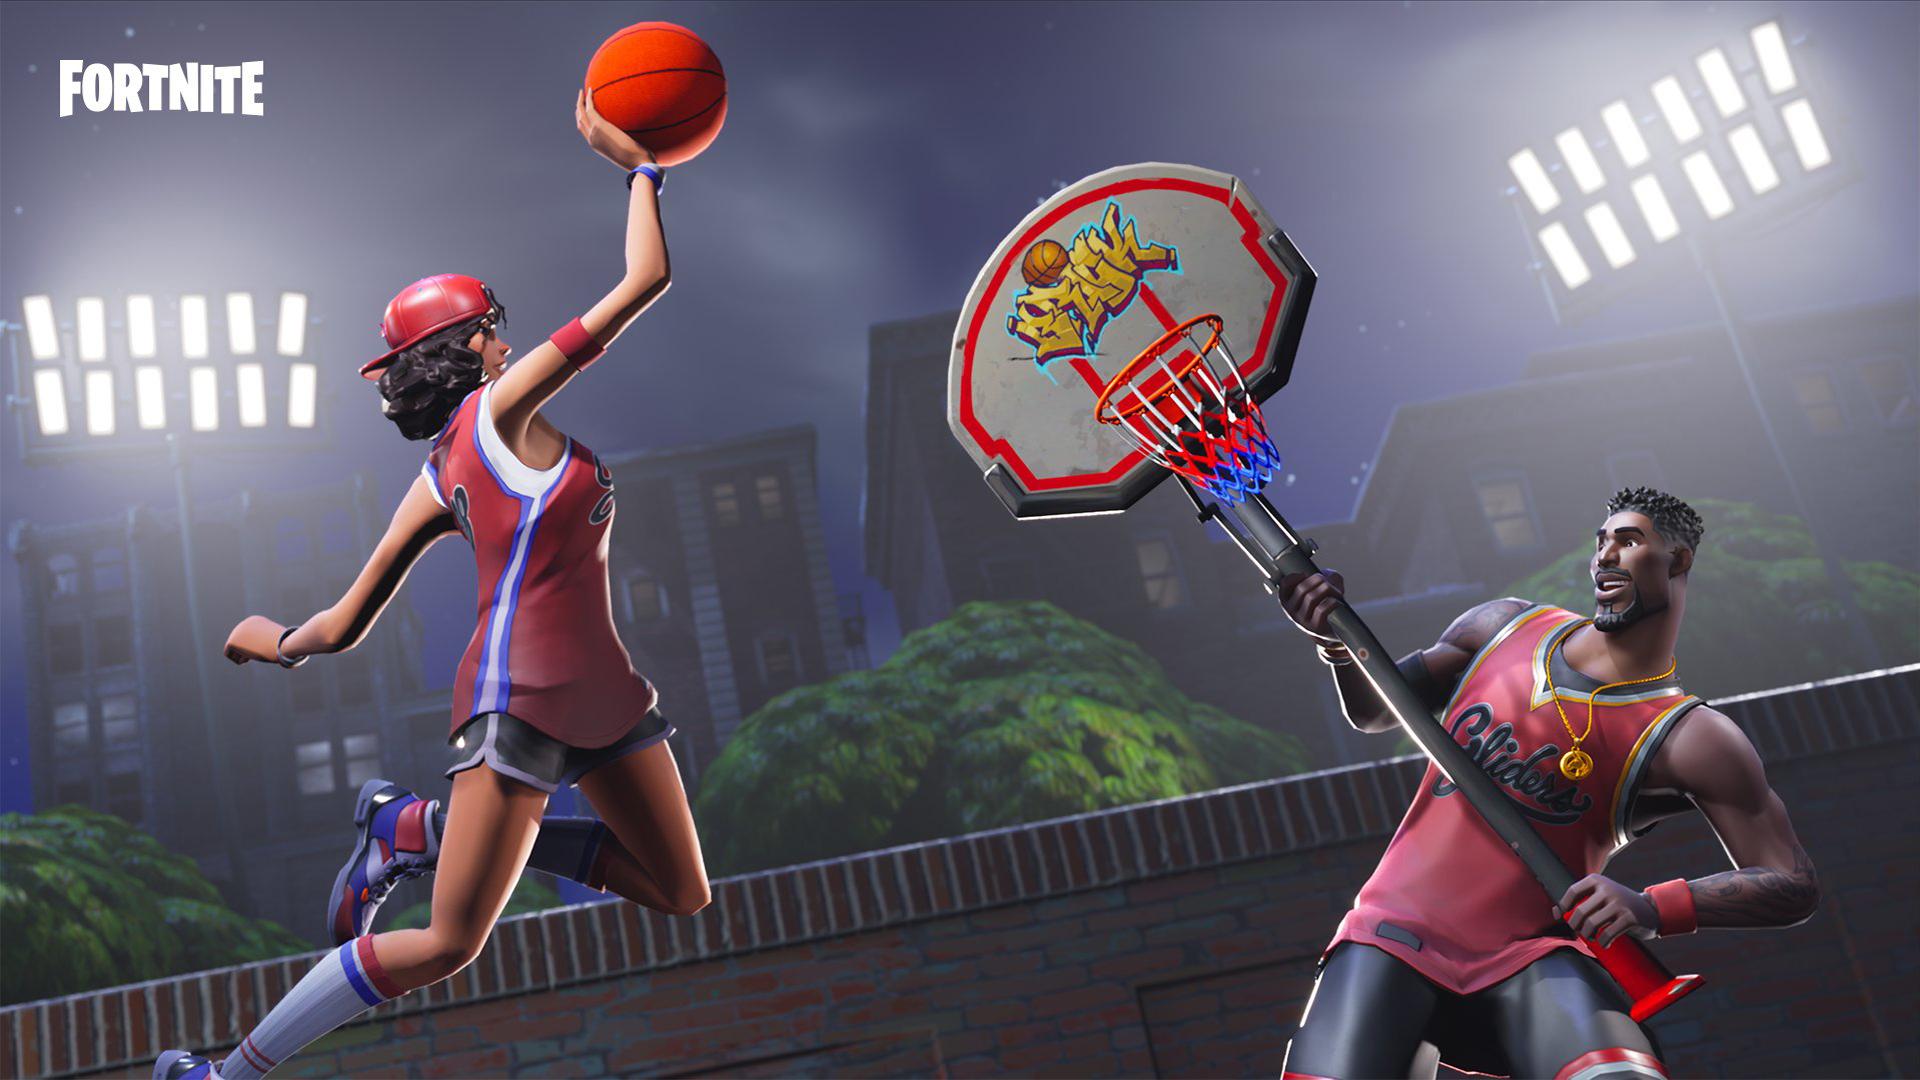 fortnite basketball 4k wallpaper background 2315